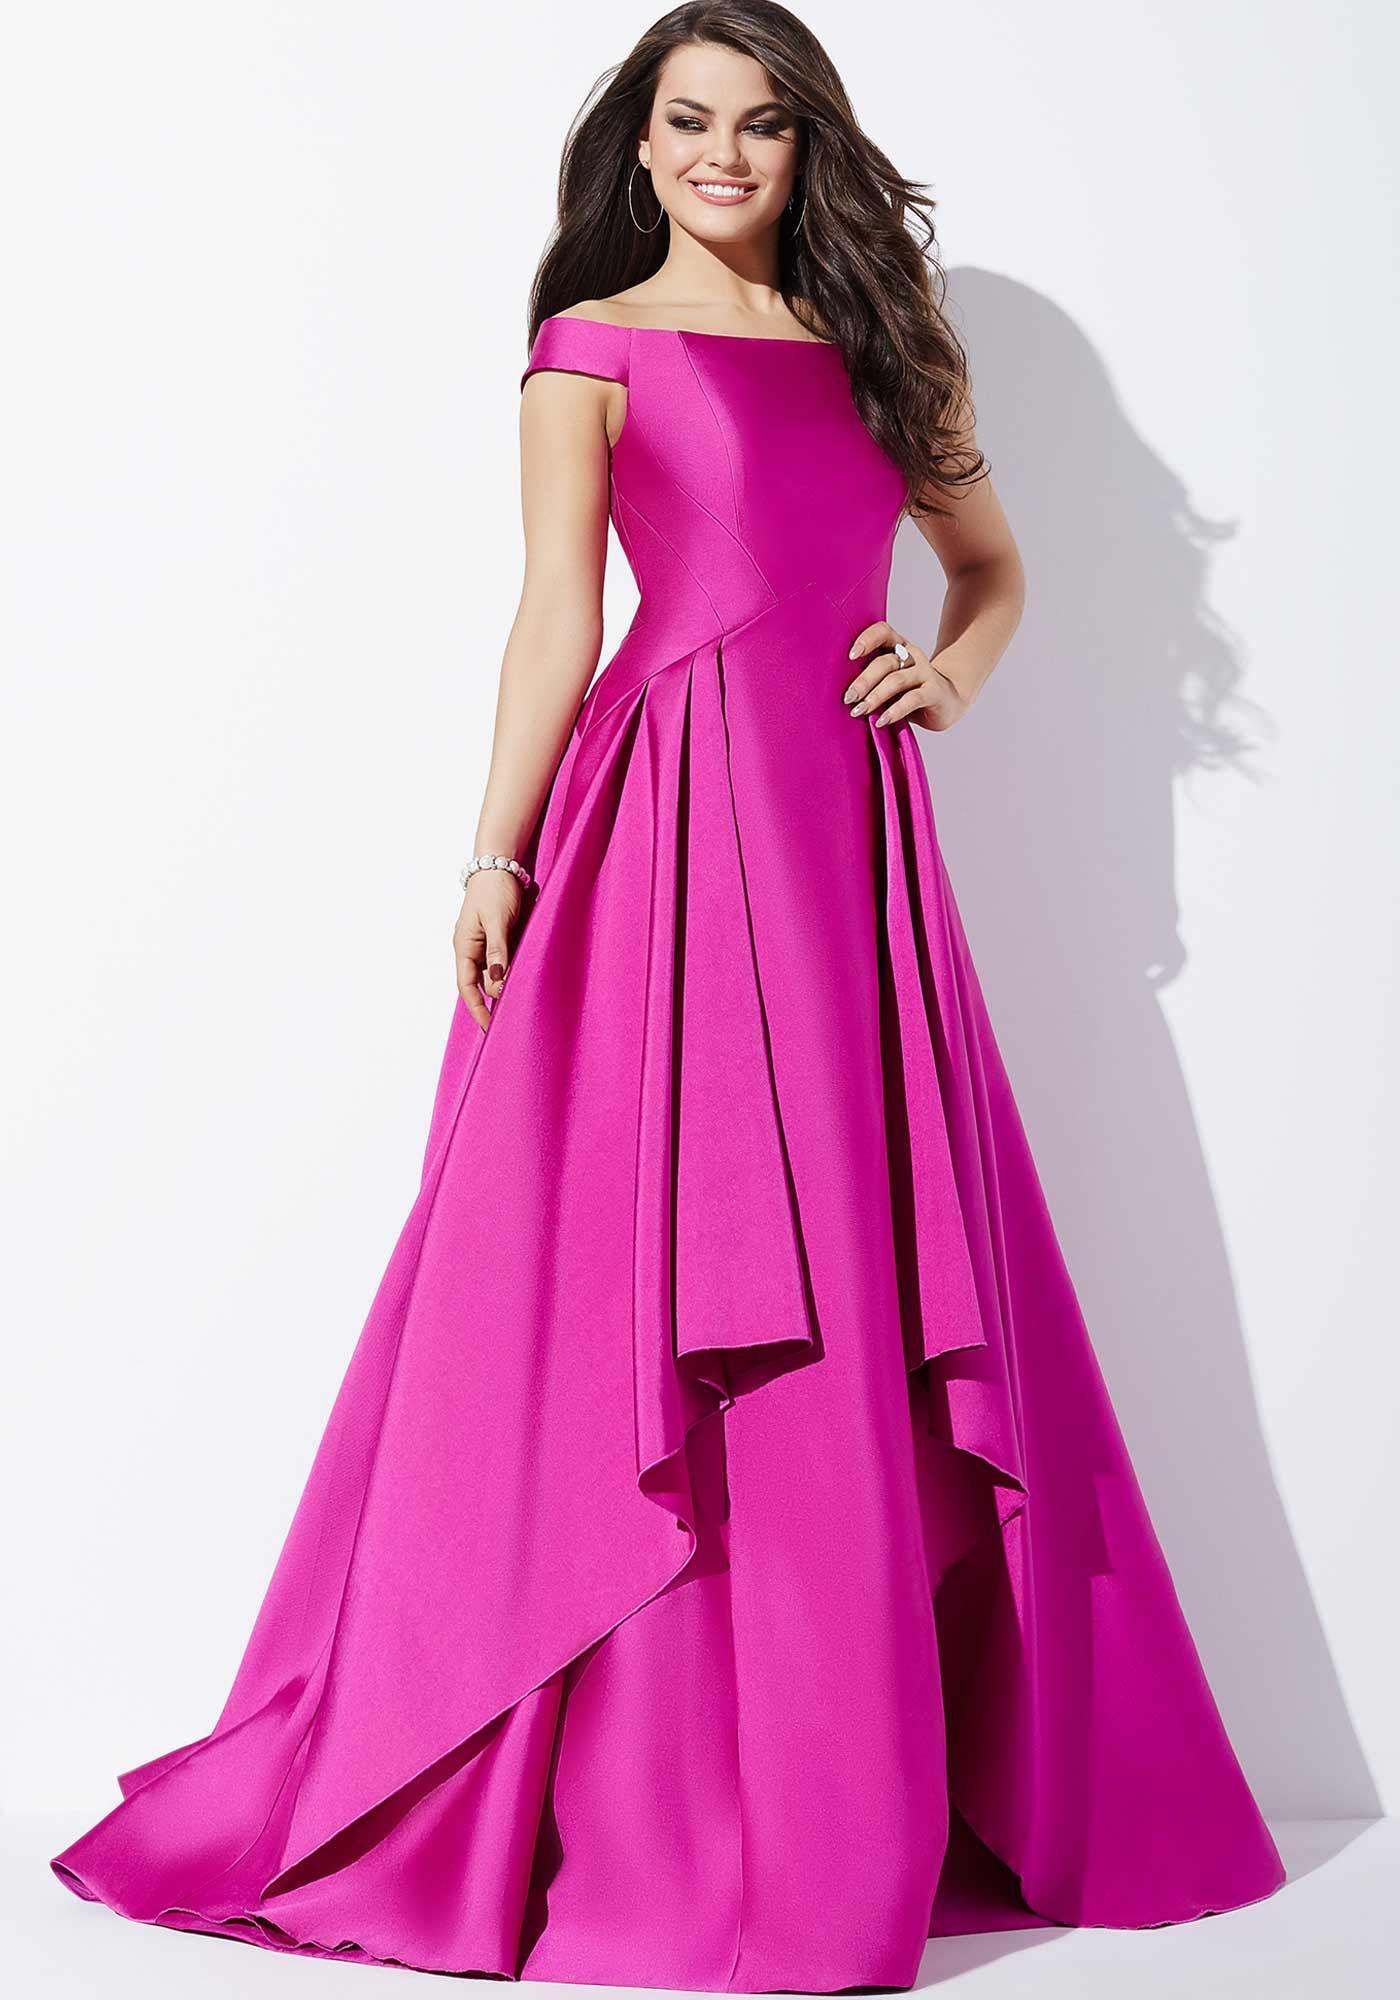 Gorgeous off the shoulder long dress features a drop waist a-line ...